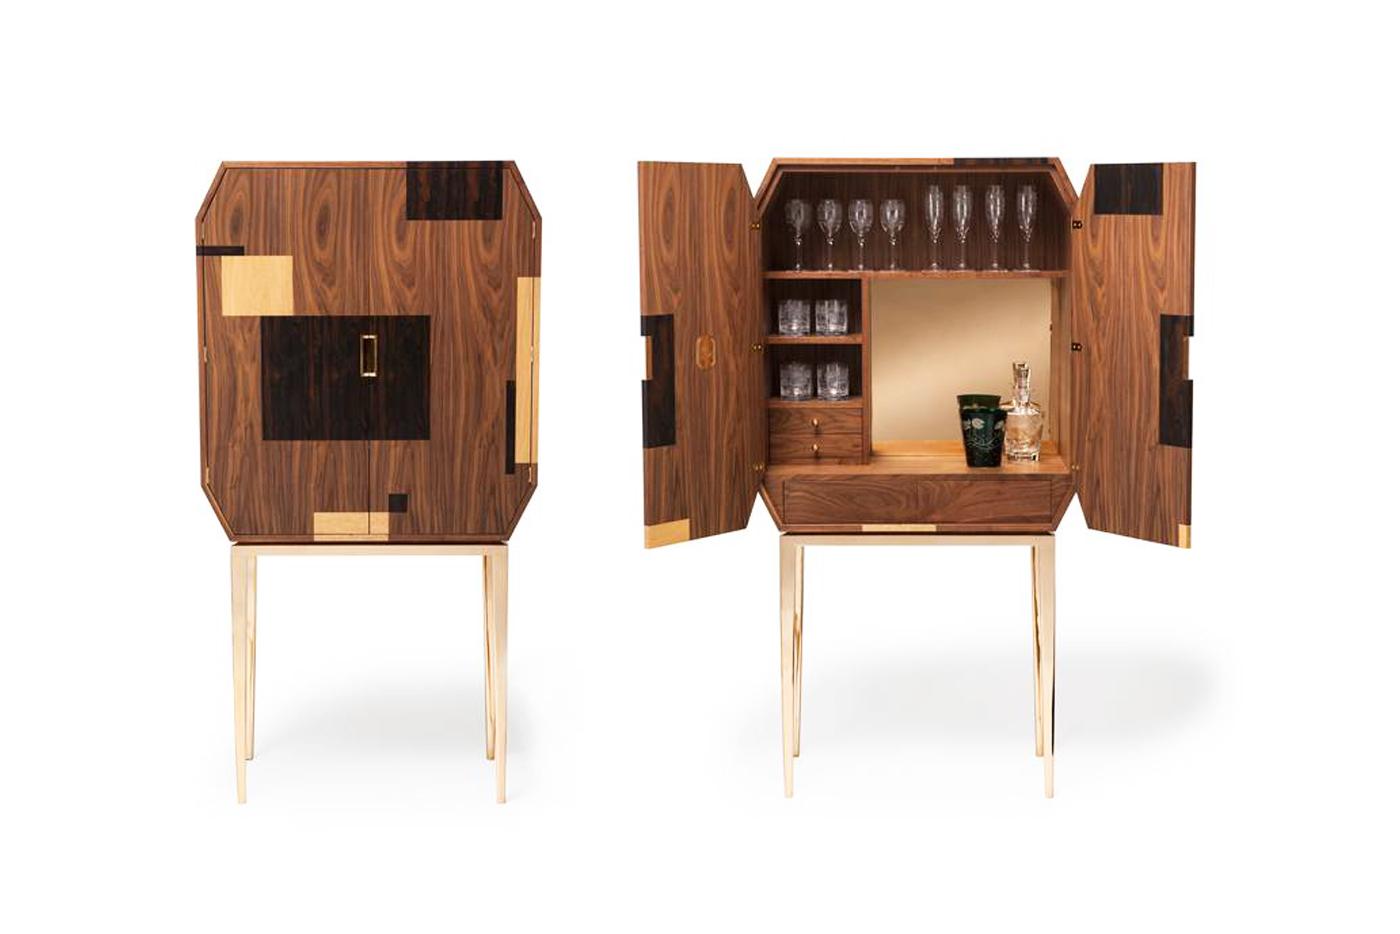 Mobili per angolo bar botte per angolo bar art with mobili per angolo bar mobili soggiorno - Mobili bar da salotto ...